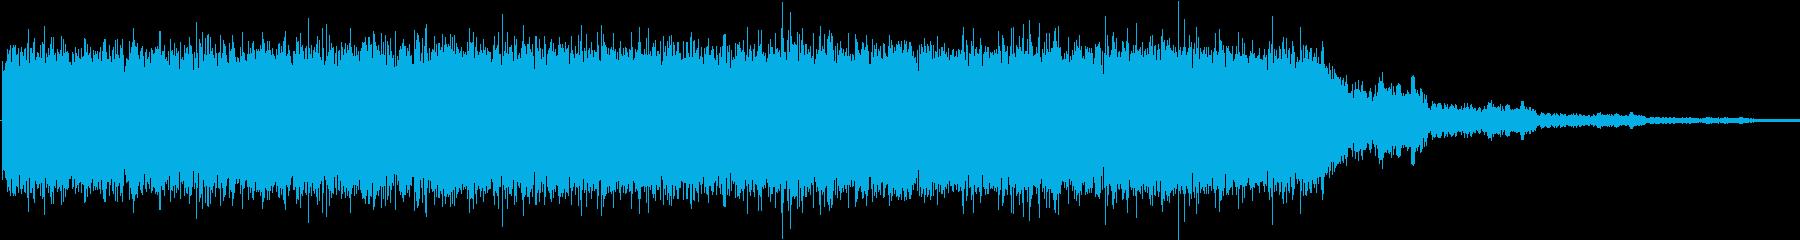 ドローン 産業01の再生済みの波形